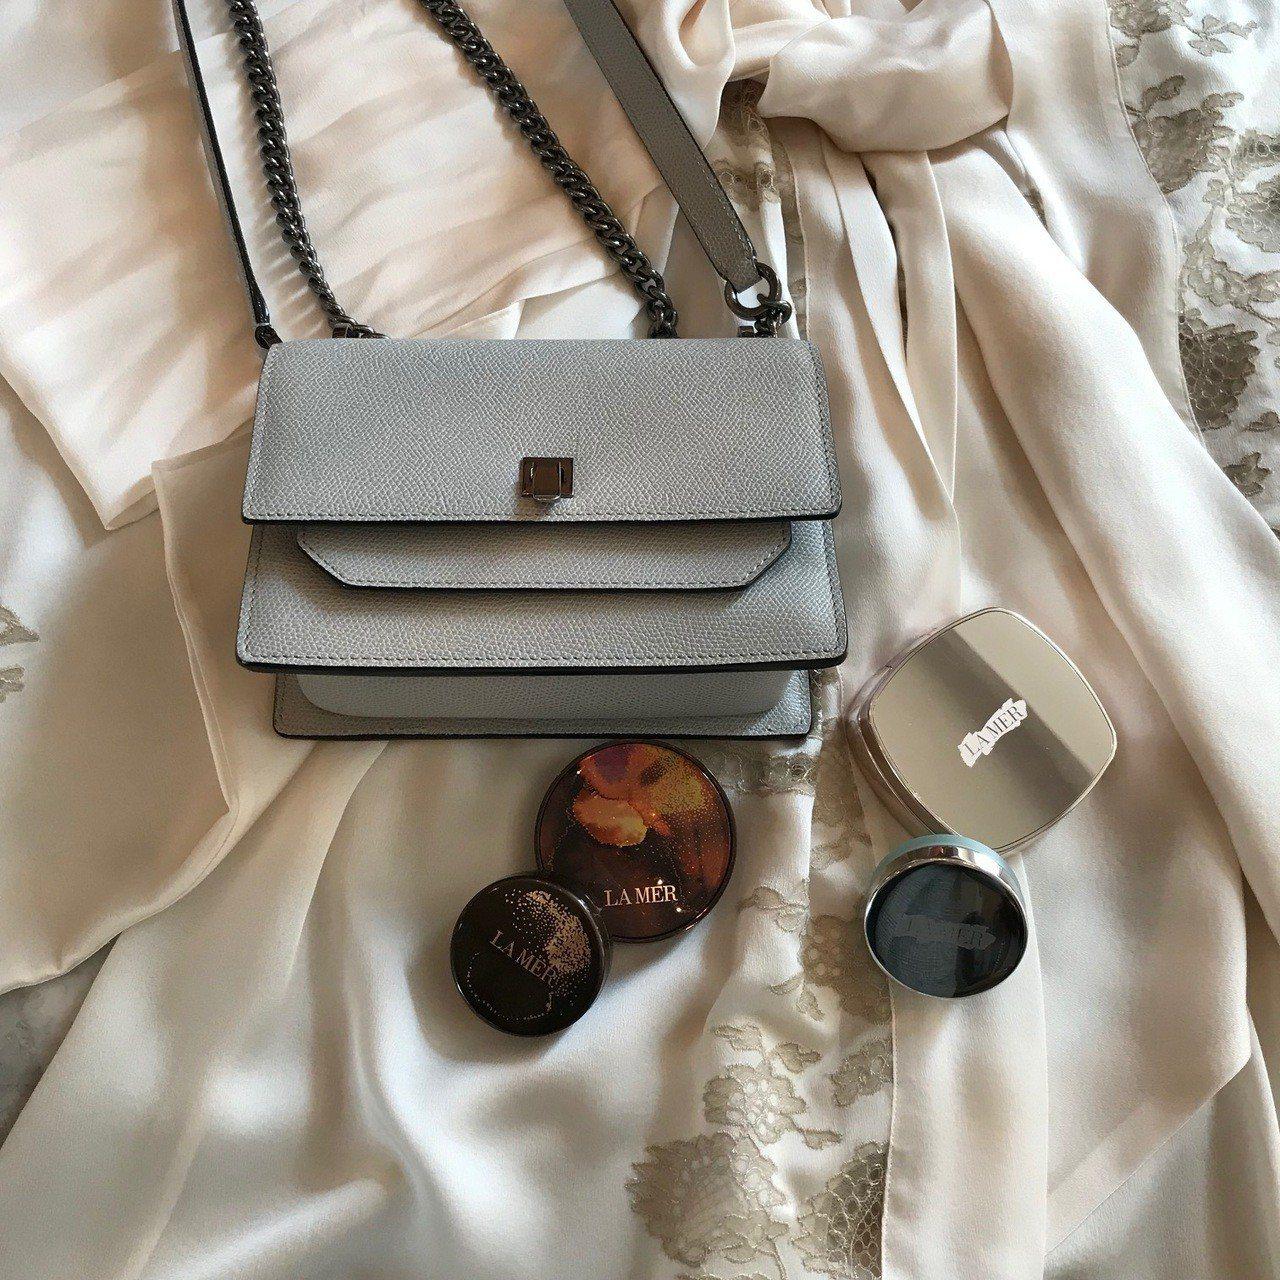 海洋拉娜奇蹟煥采氣墊粉霜擁有精緻的銀色外盒包裝。記者江佩君/台北報導